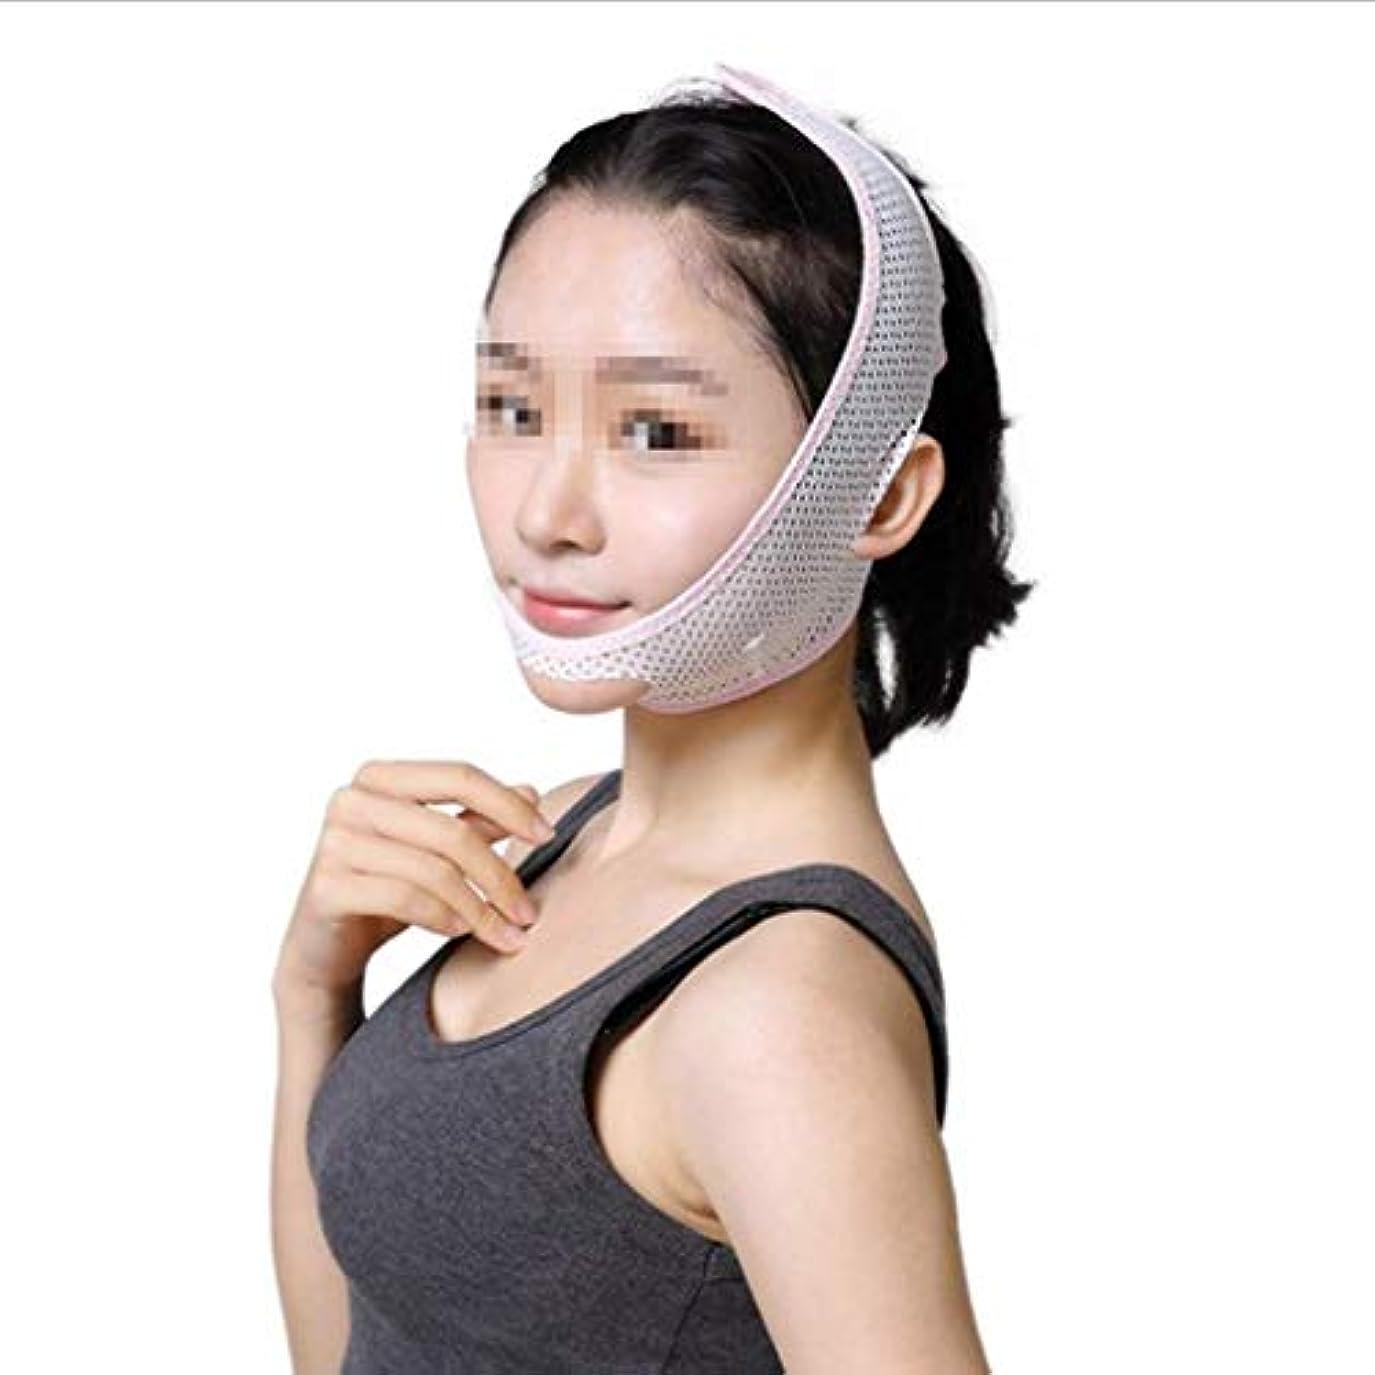 接続ピュー谷超薄型通気性フェイスマスク、包帯Vフェイスマスクフェイスリフティングファーミングダブルチンシンフェイスベルト(サイズ:M),M